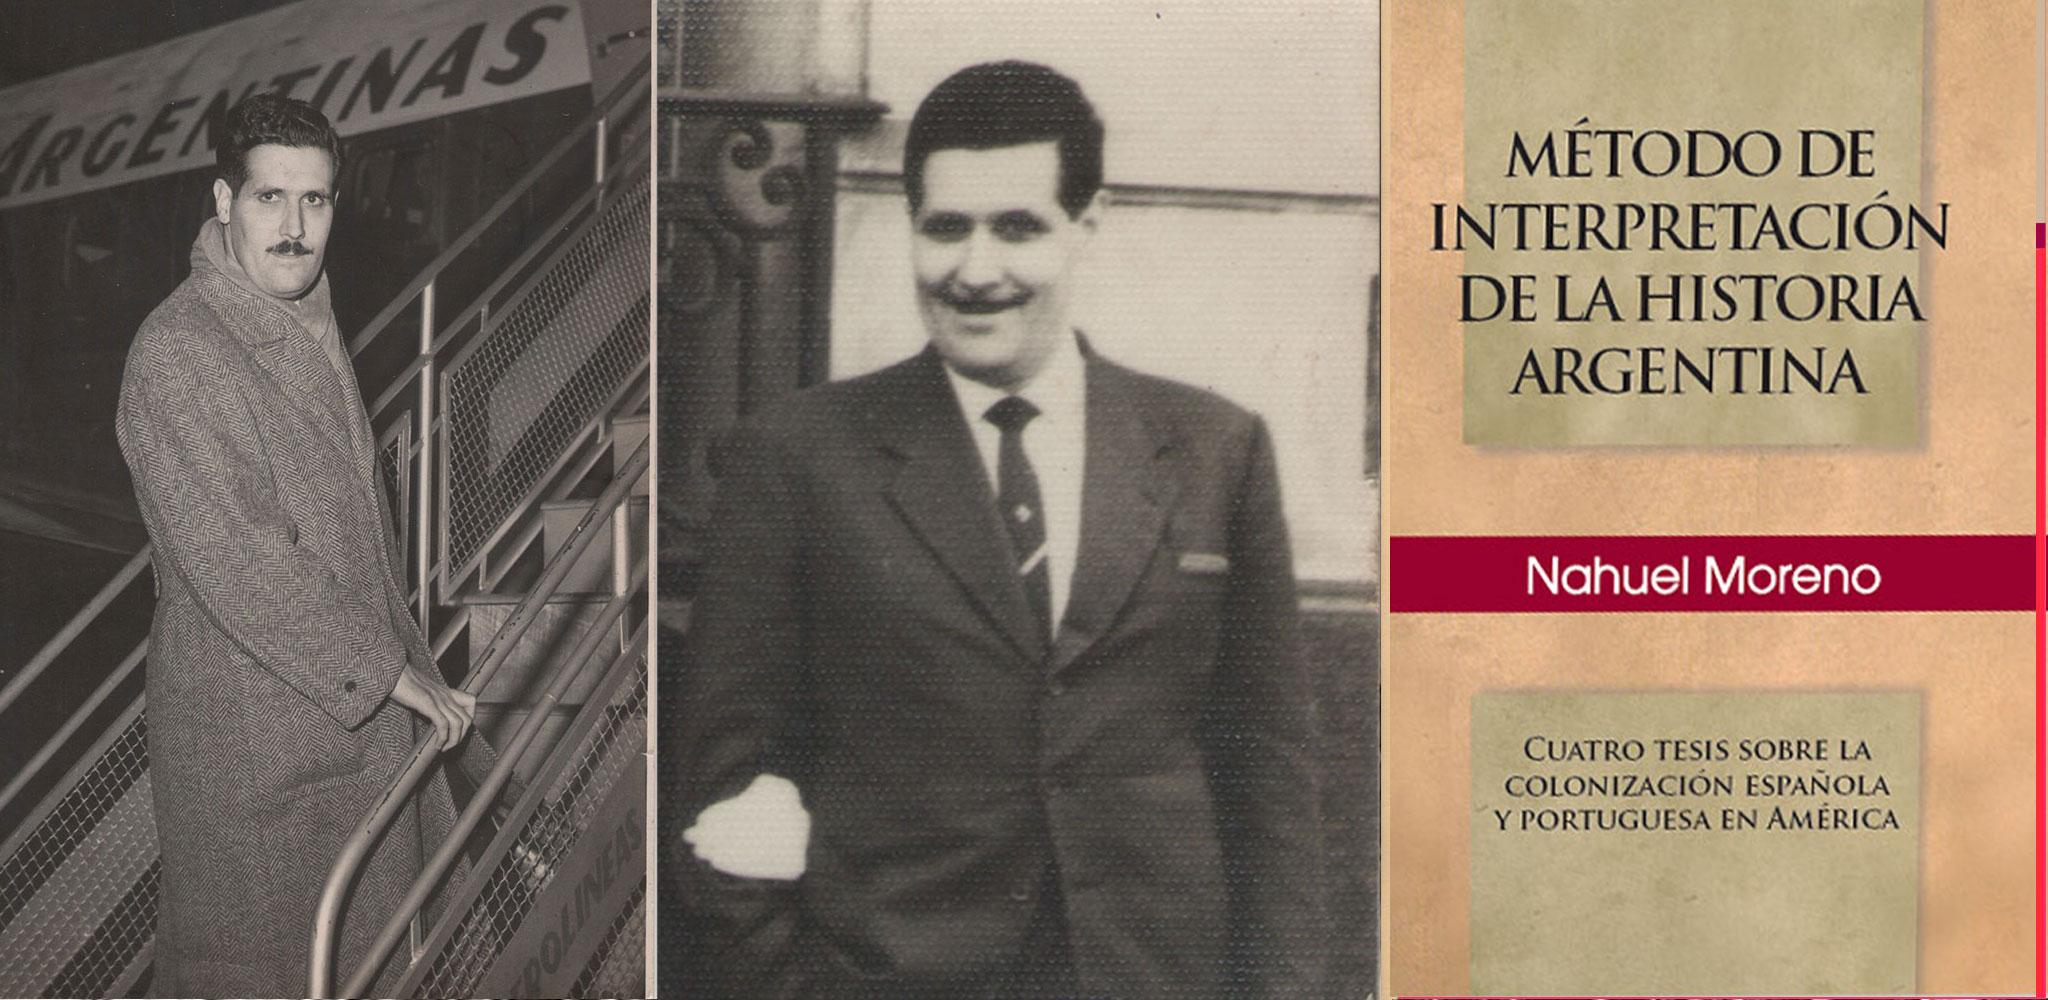 MÉTODO DE INTERPRETACIÓN DE LA HISTORIA ARGENTINA (1965)